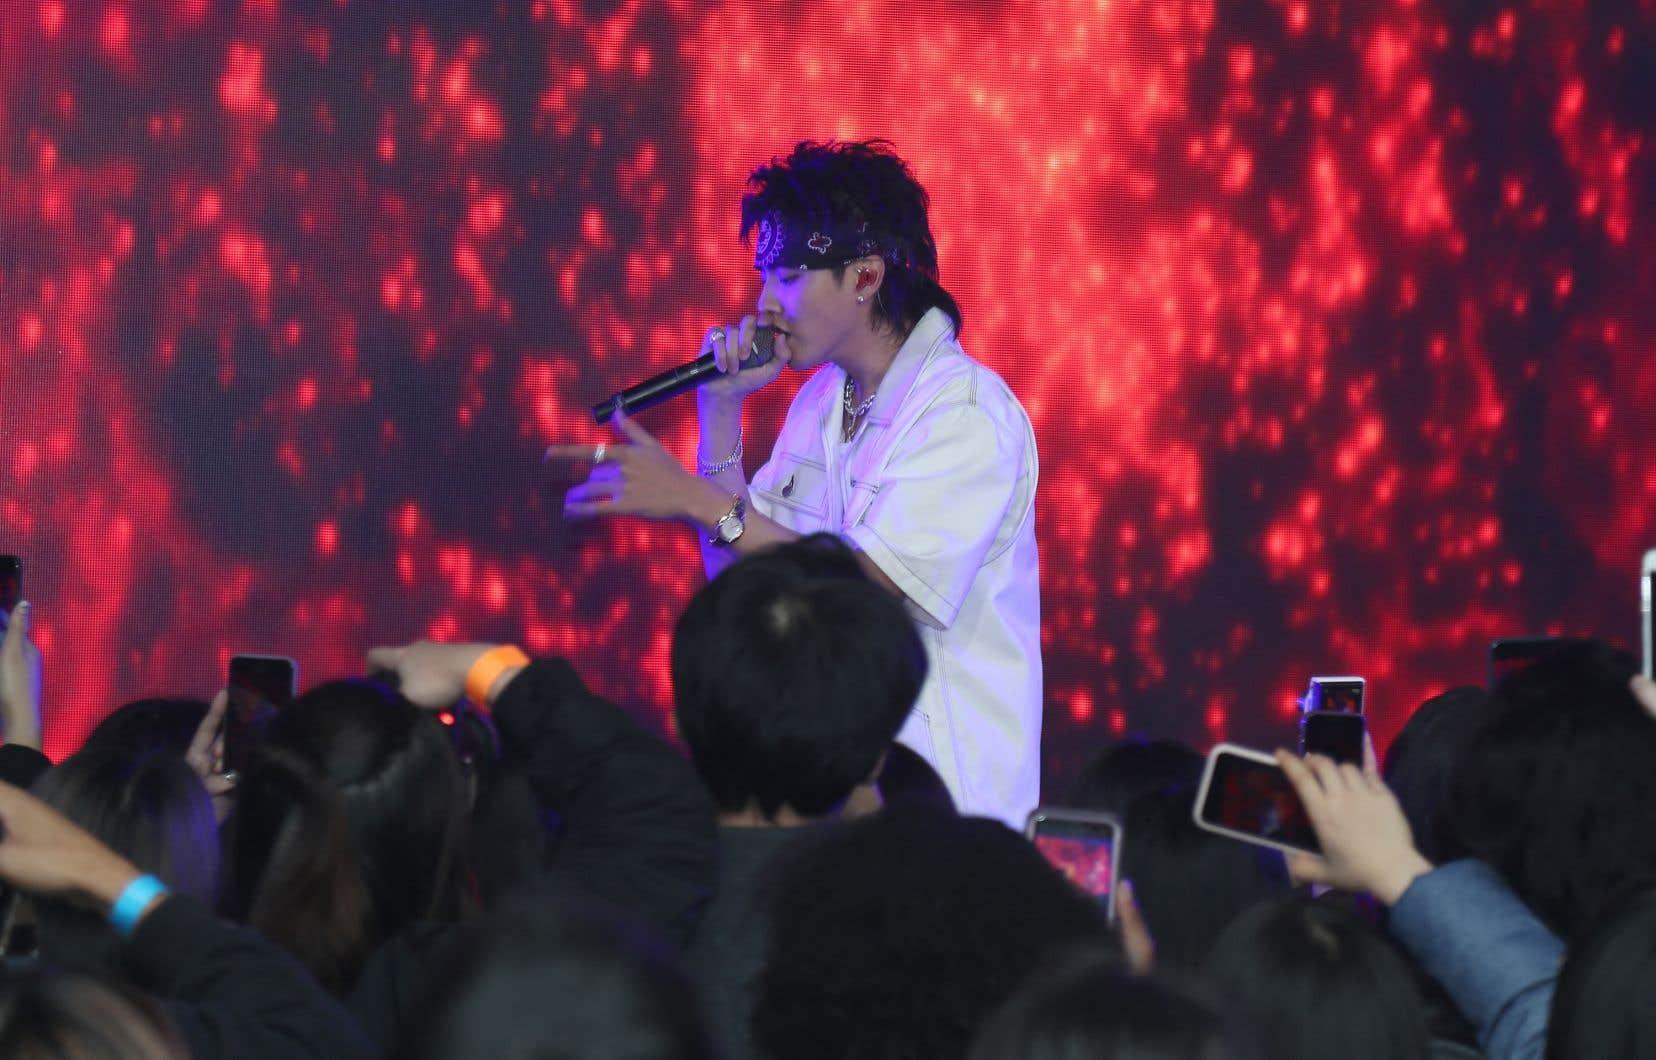 L'adolescente qui accuse Kris Wu (sur la photo) a aussi raconté que sept autres femmes l'avaient contactée pour lui dire que l'ancien membre du groupe de pop coréenne EXO les avait séduites en leur faisant diverses promesses.